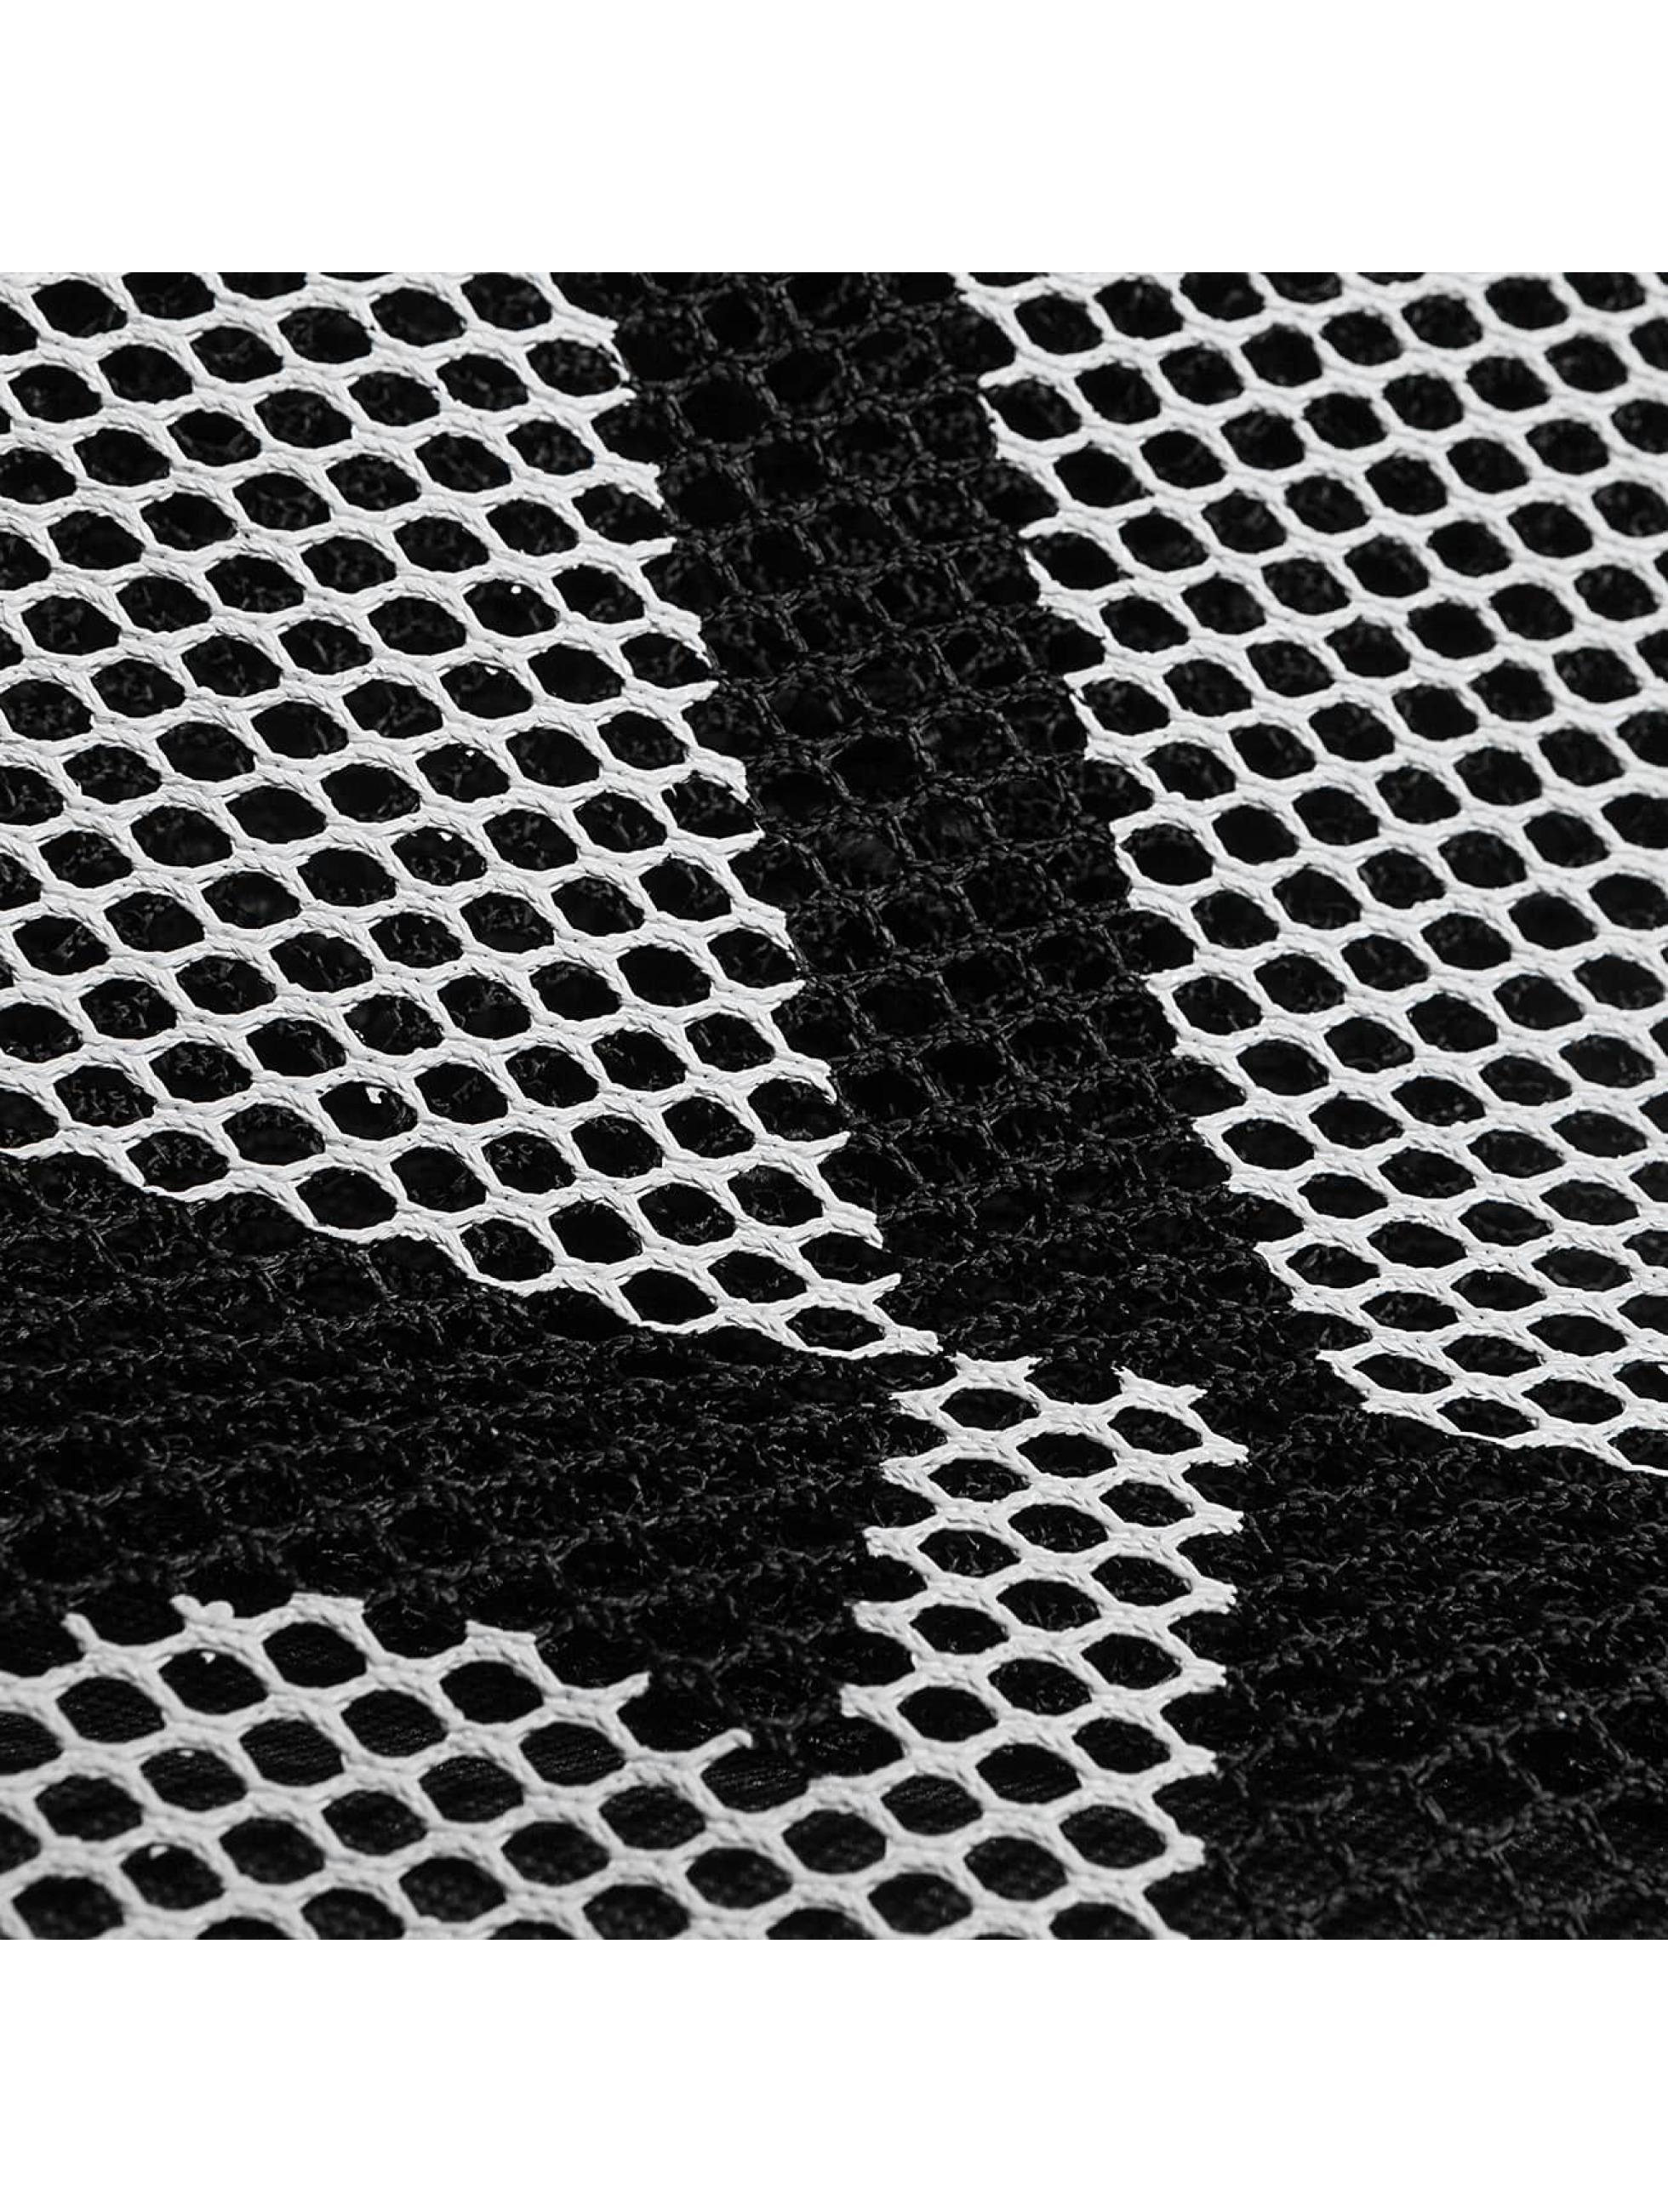 adidas Gadget Soccer Ball Net nero